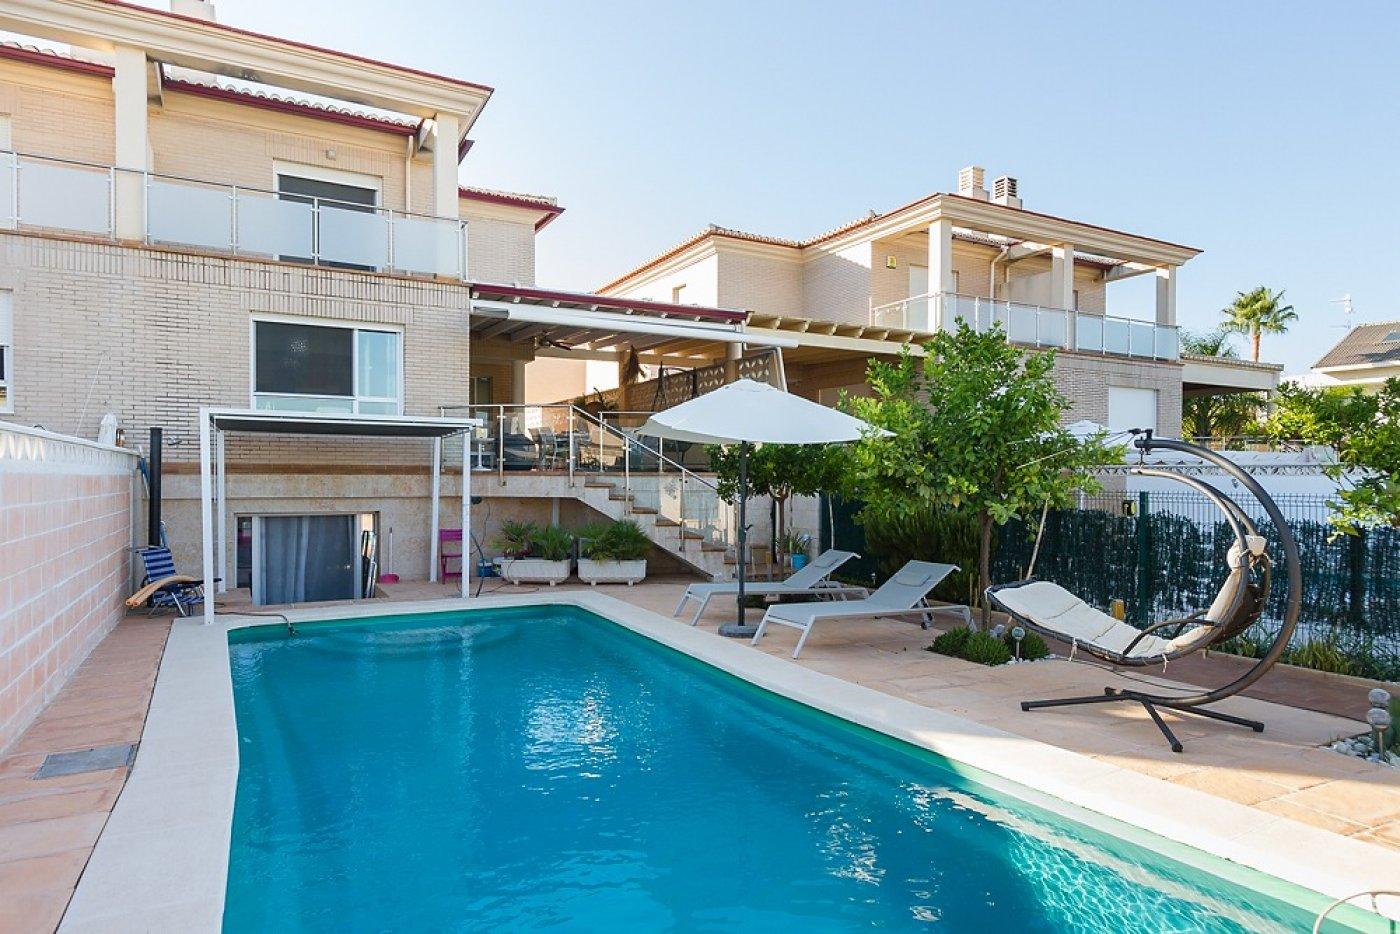 Fantástica casa de lujo en gandía con piscina, terraza y vivienda de inivtados. - imagenInmueble0